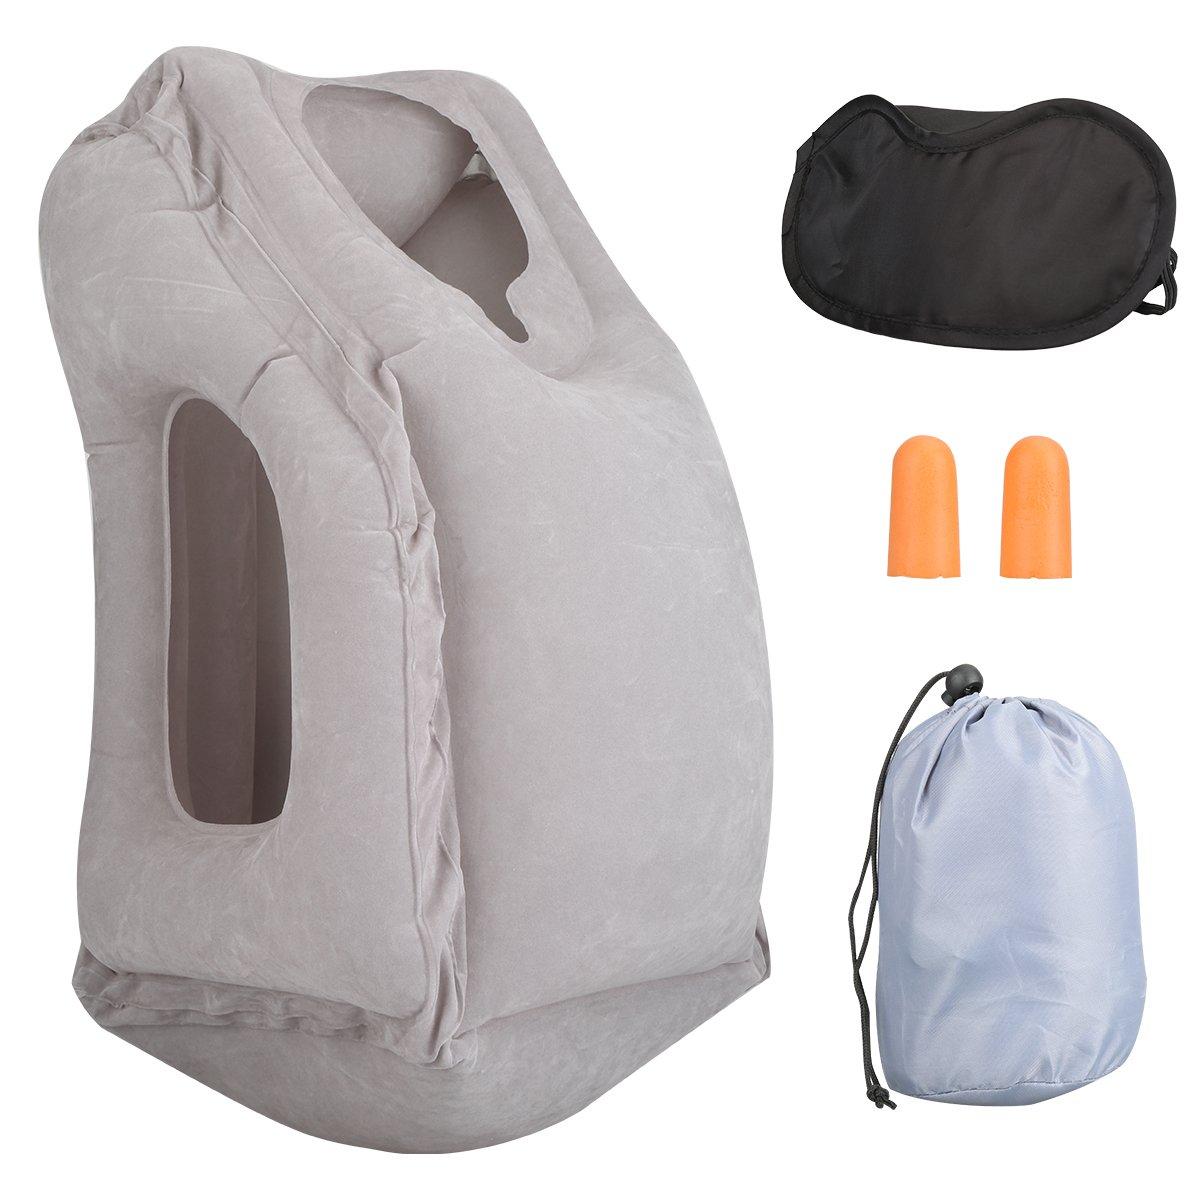 Almohada de viaje almohadilla de aire inflable con tapones para los oídos